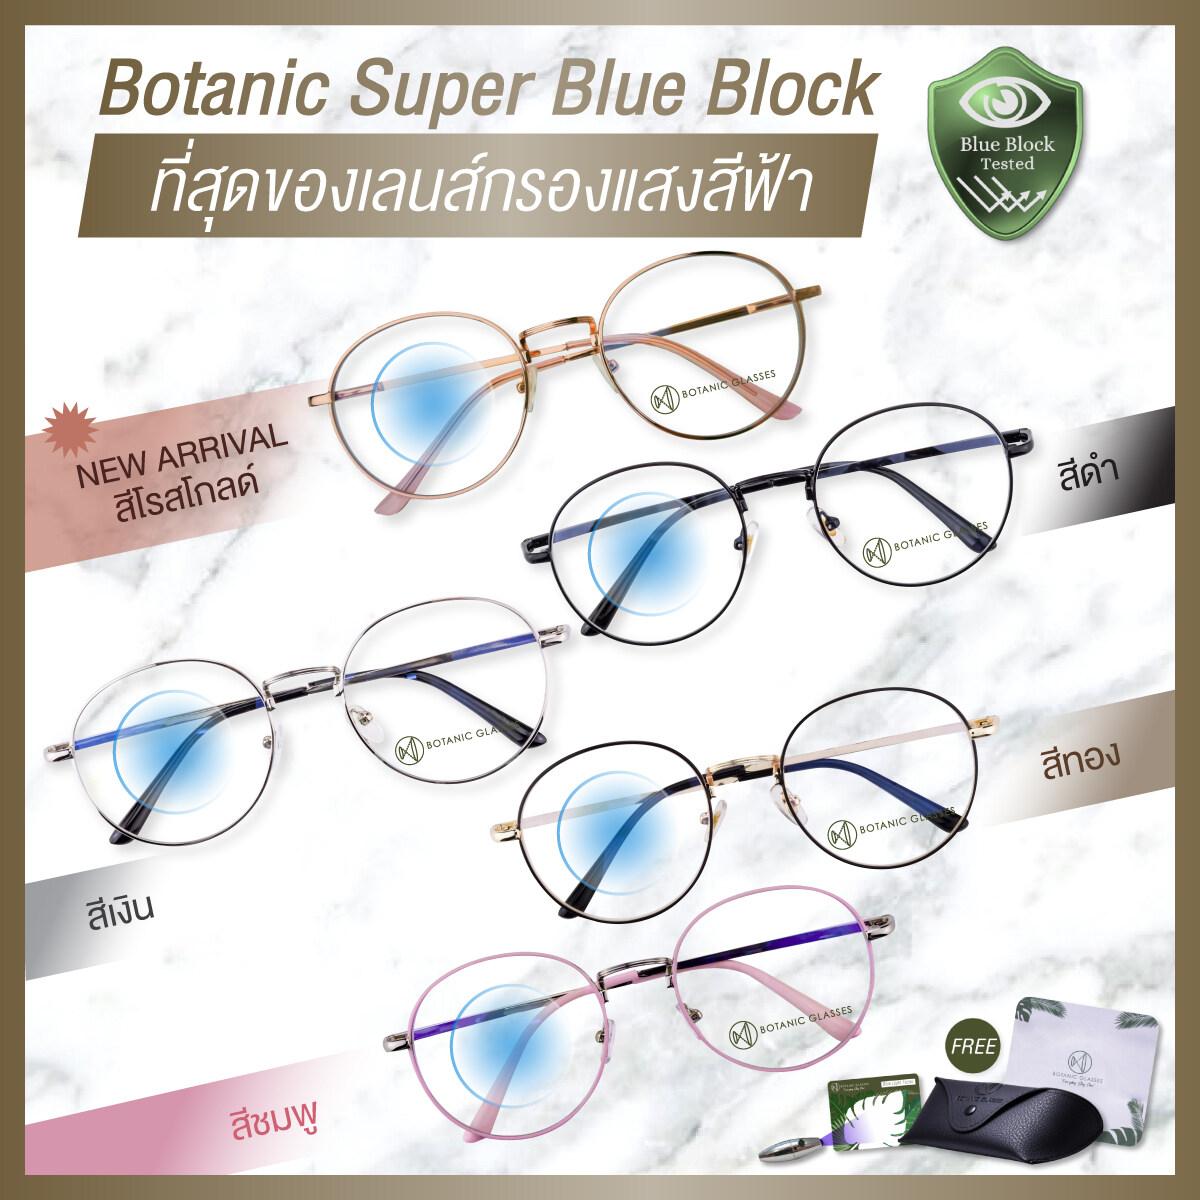 แว่นกรองแสงสีฟ้า แว่นกรองแสงคอม Super Blue Block มี5สี แว่นตากรองแสง สีฟ้า สูงสุด95% กัน Uv 99% แว่นตา กรองแสง Botanic Glasses กรองแสงมือถือ ถนอมสายตา แสง สีฟ้า Blueblock All Edition.